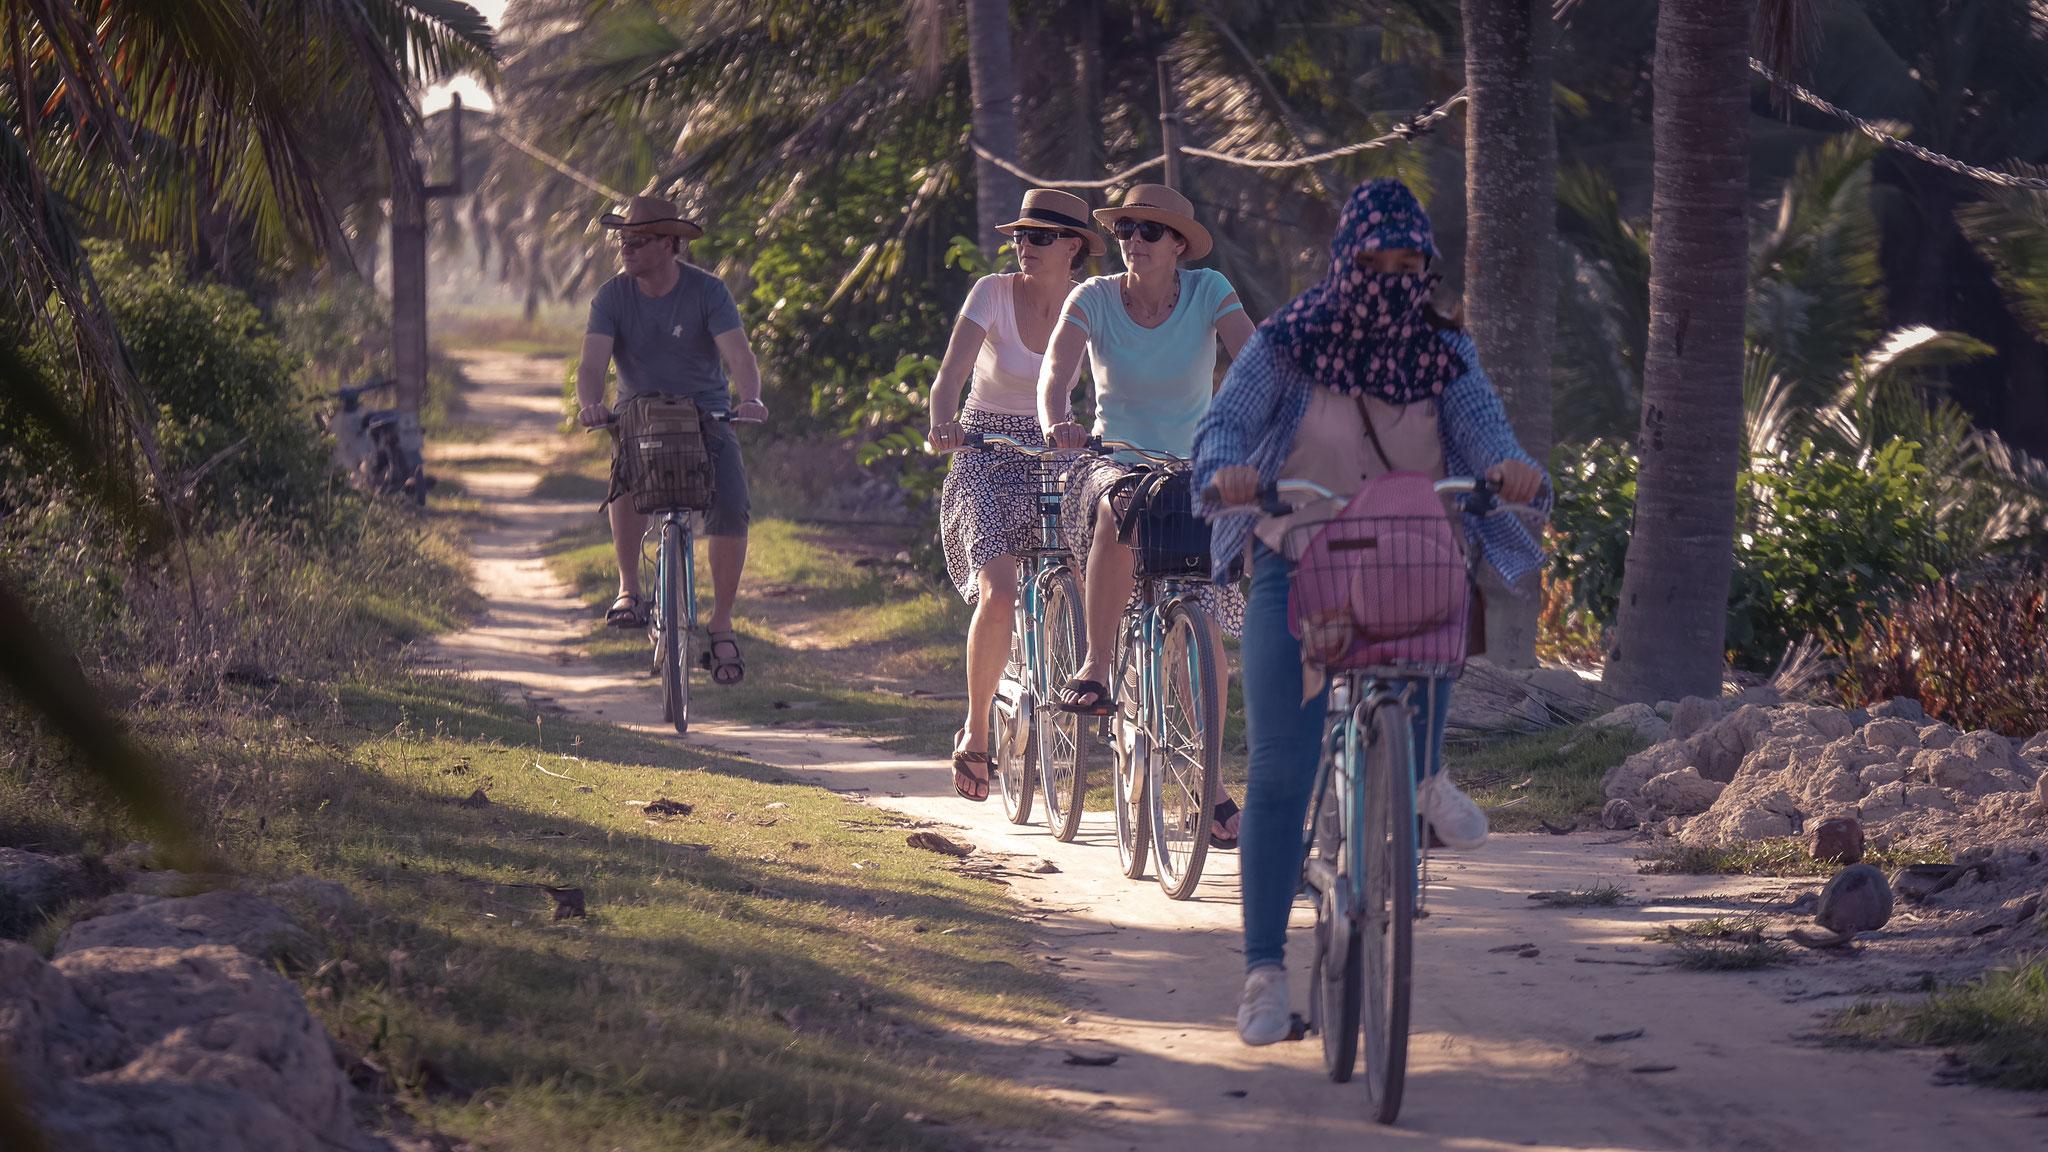 Hoi An - Radtour durch die Gegend